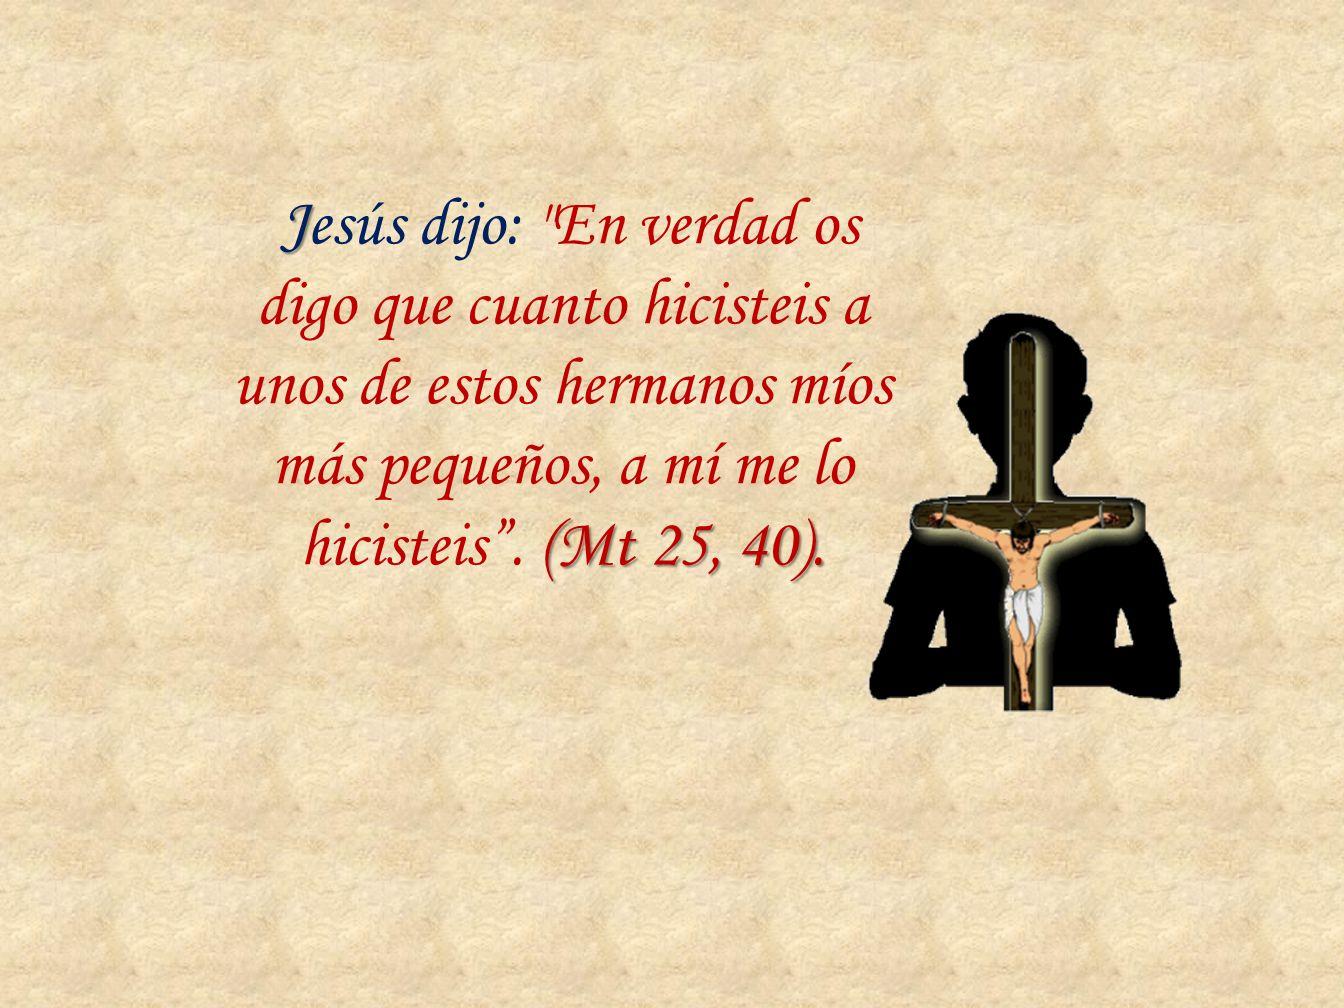 J (Mt 25, 40). Jesús dijo: